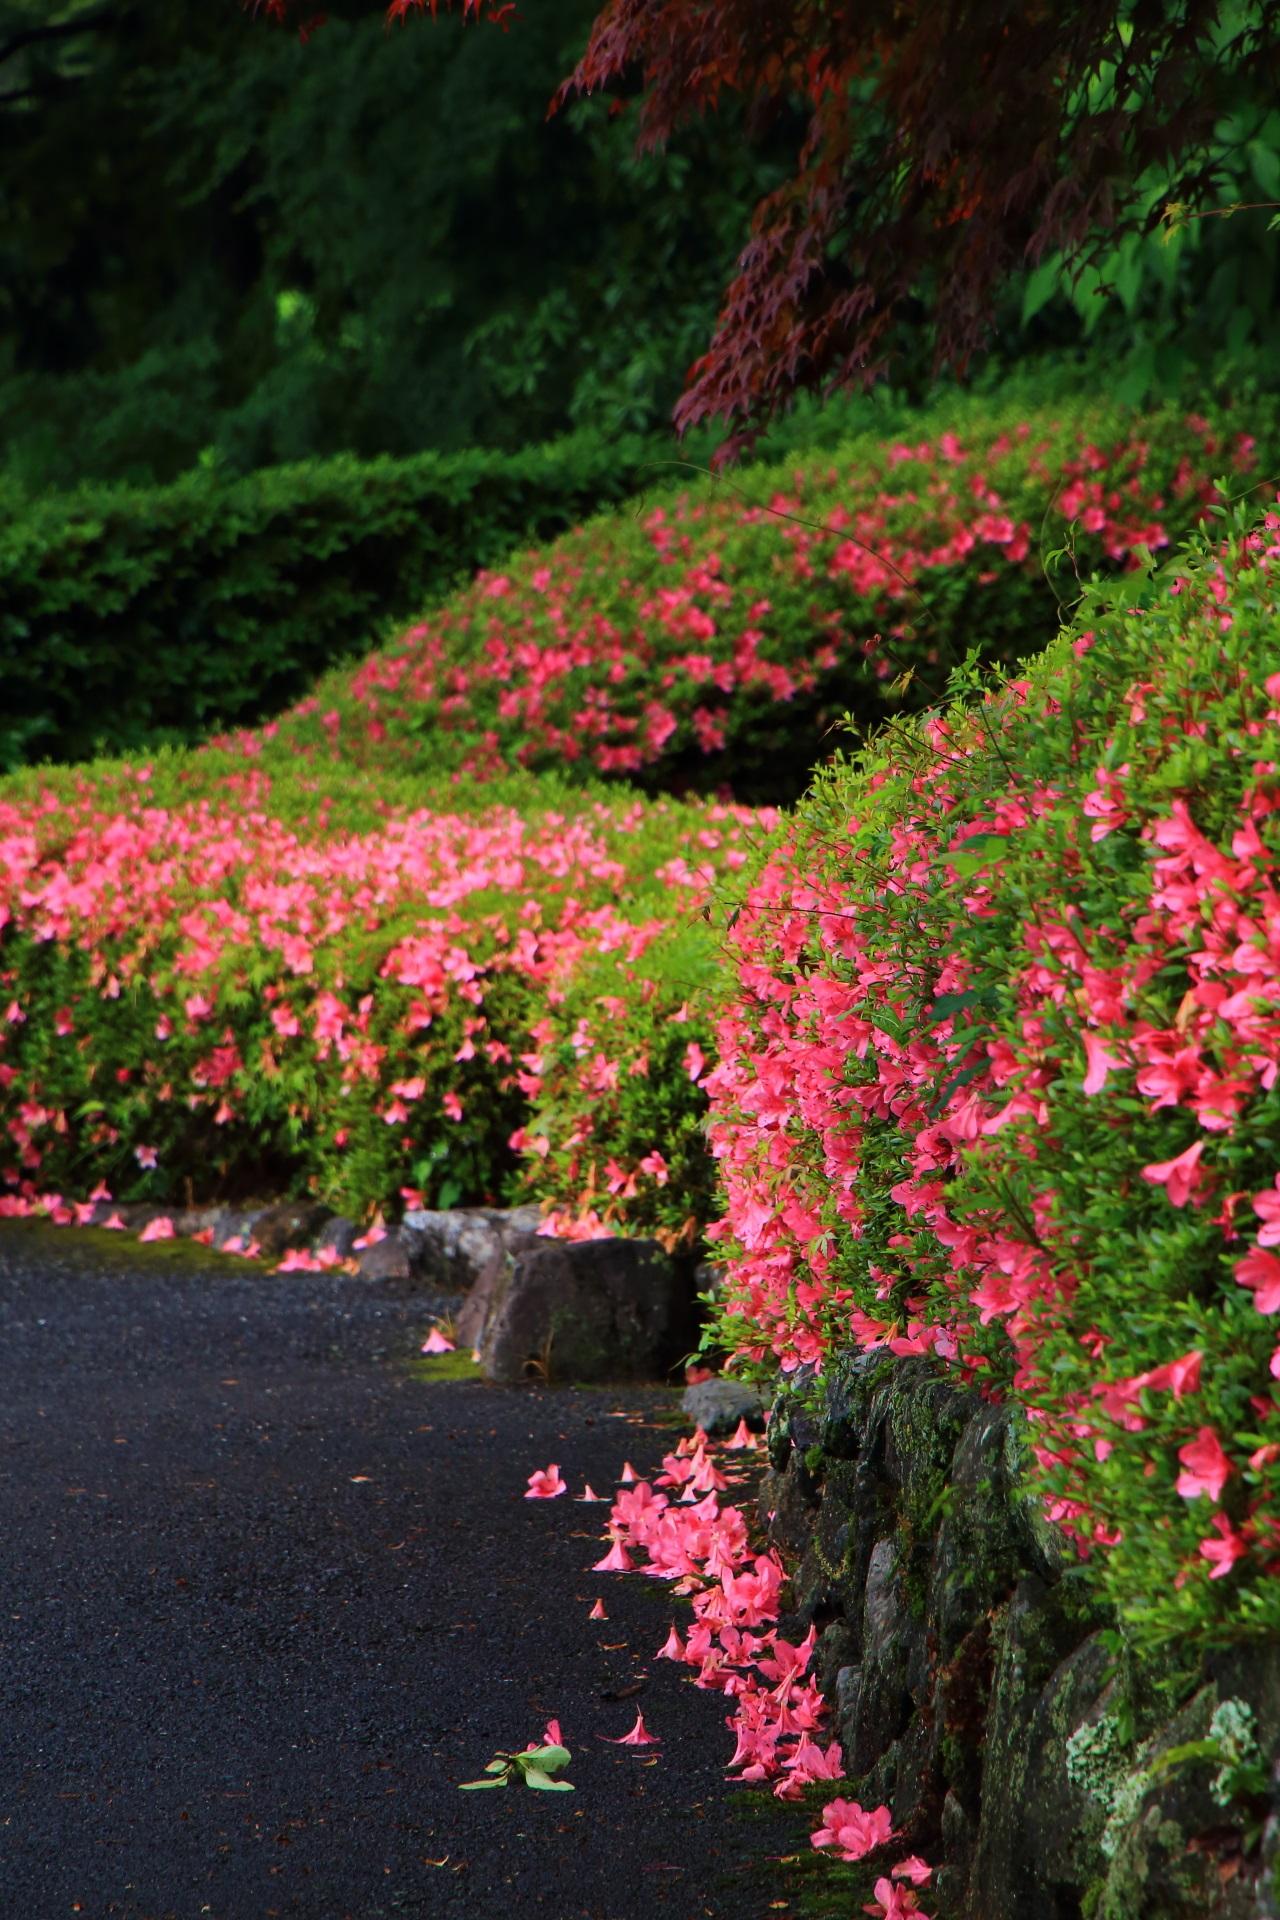 自然溢れる山寺の極上の輝く散ったサツキの花